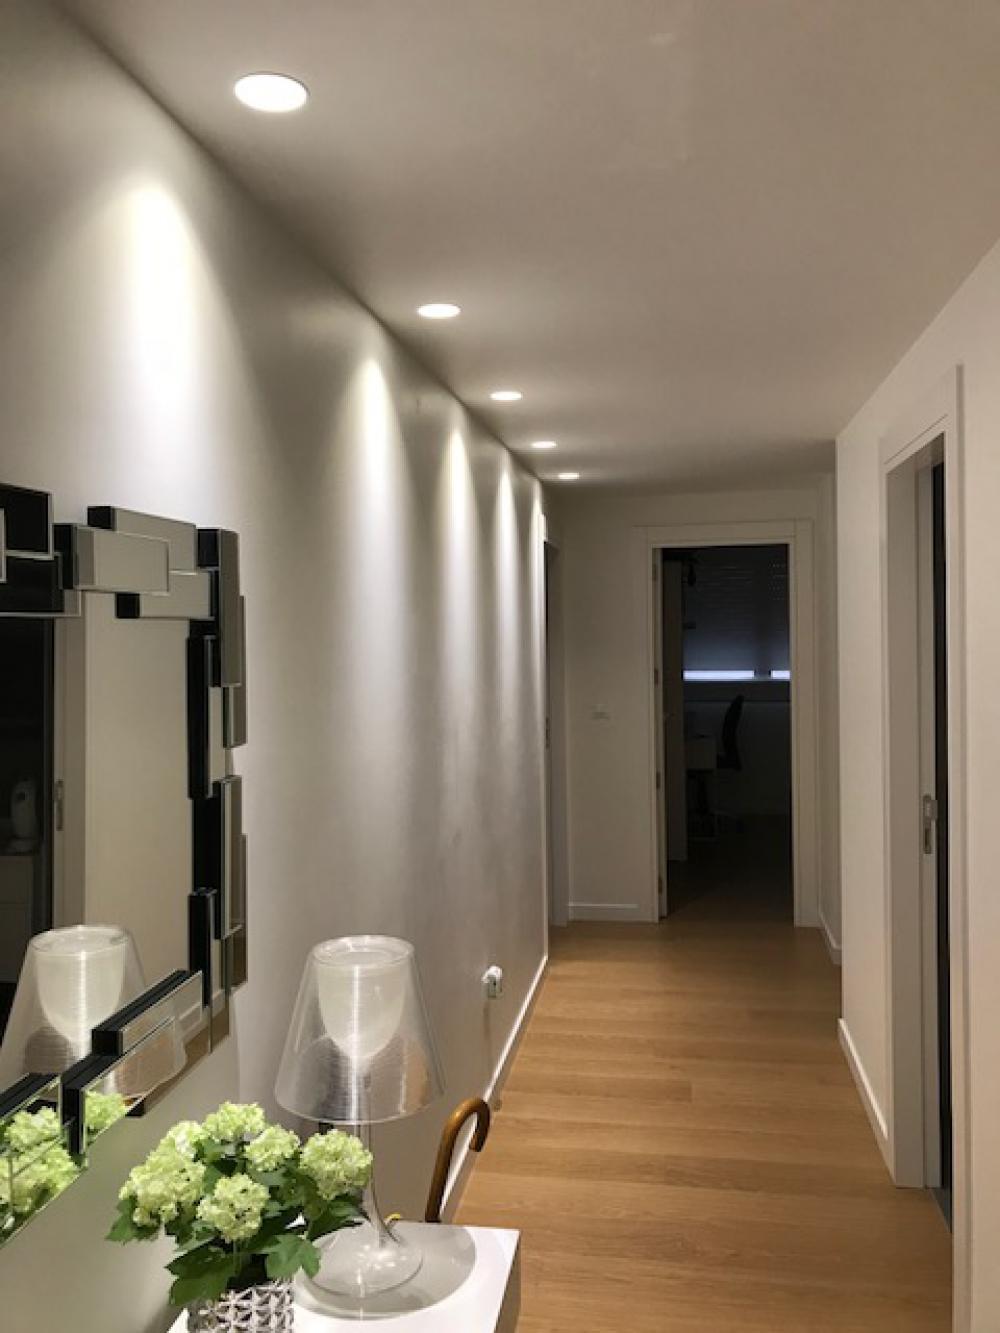 reformar un piso entero amazing uorconf empresa en murcia